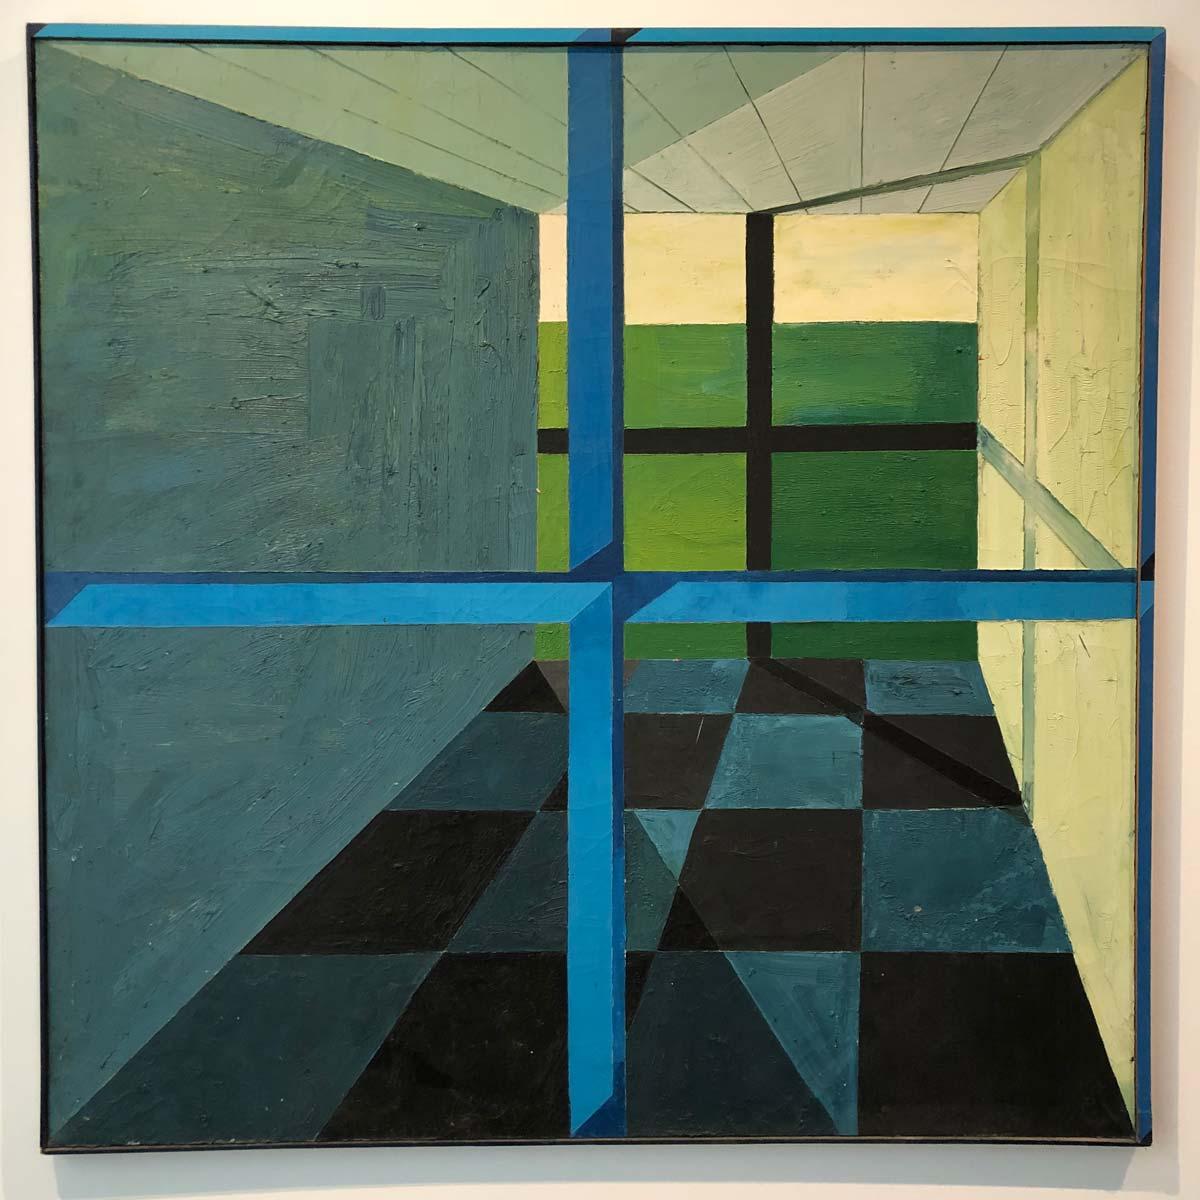 Gemälde zweier Fenster und dem leeren Raum dazwischen